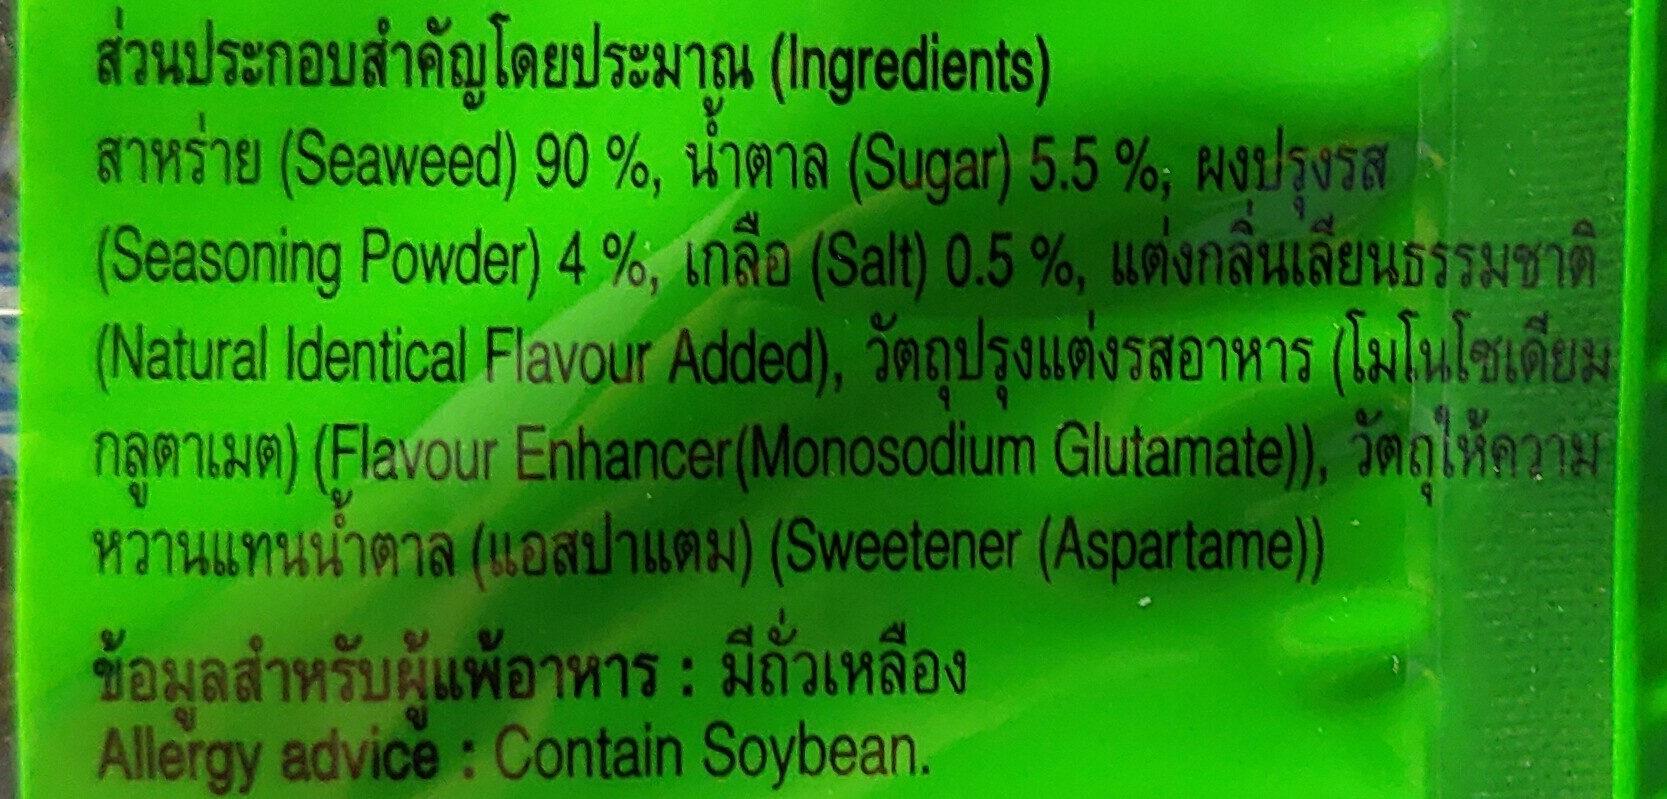 สาหร่ายปรุงรส - Ingredients